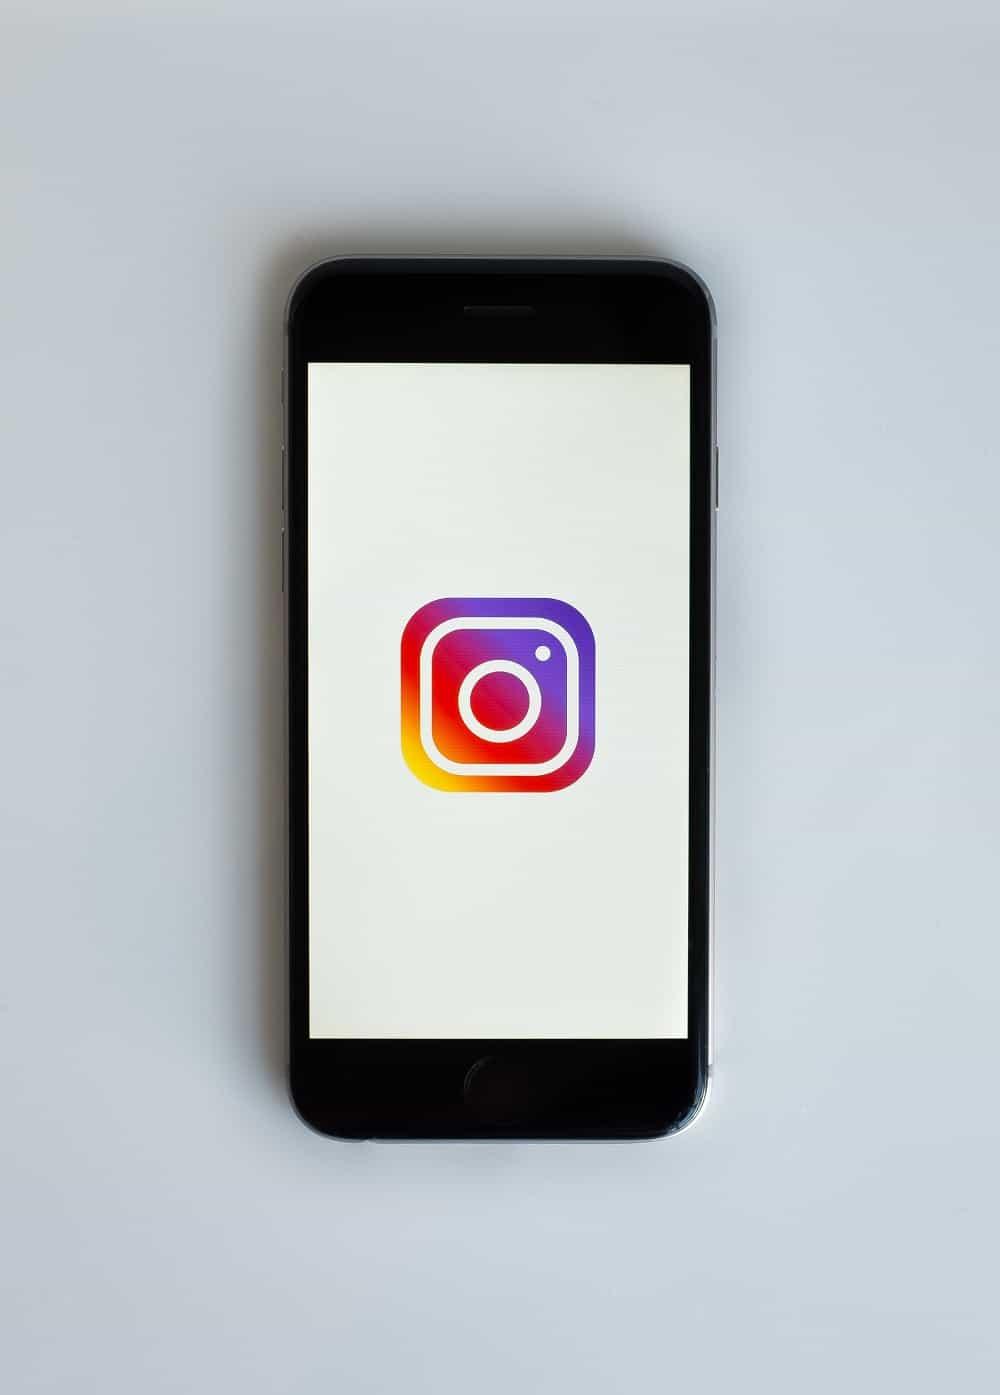 scegliere l'username di instagram, cellulare con il logo aziendale